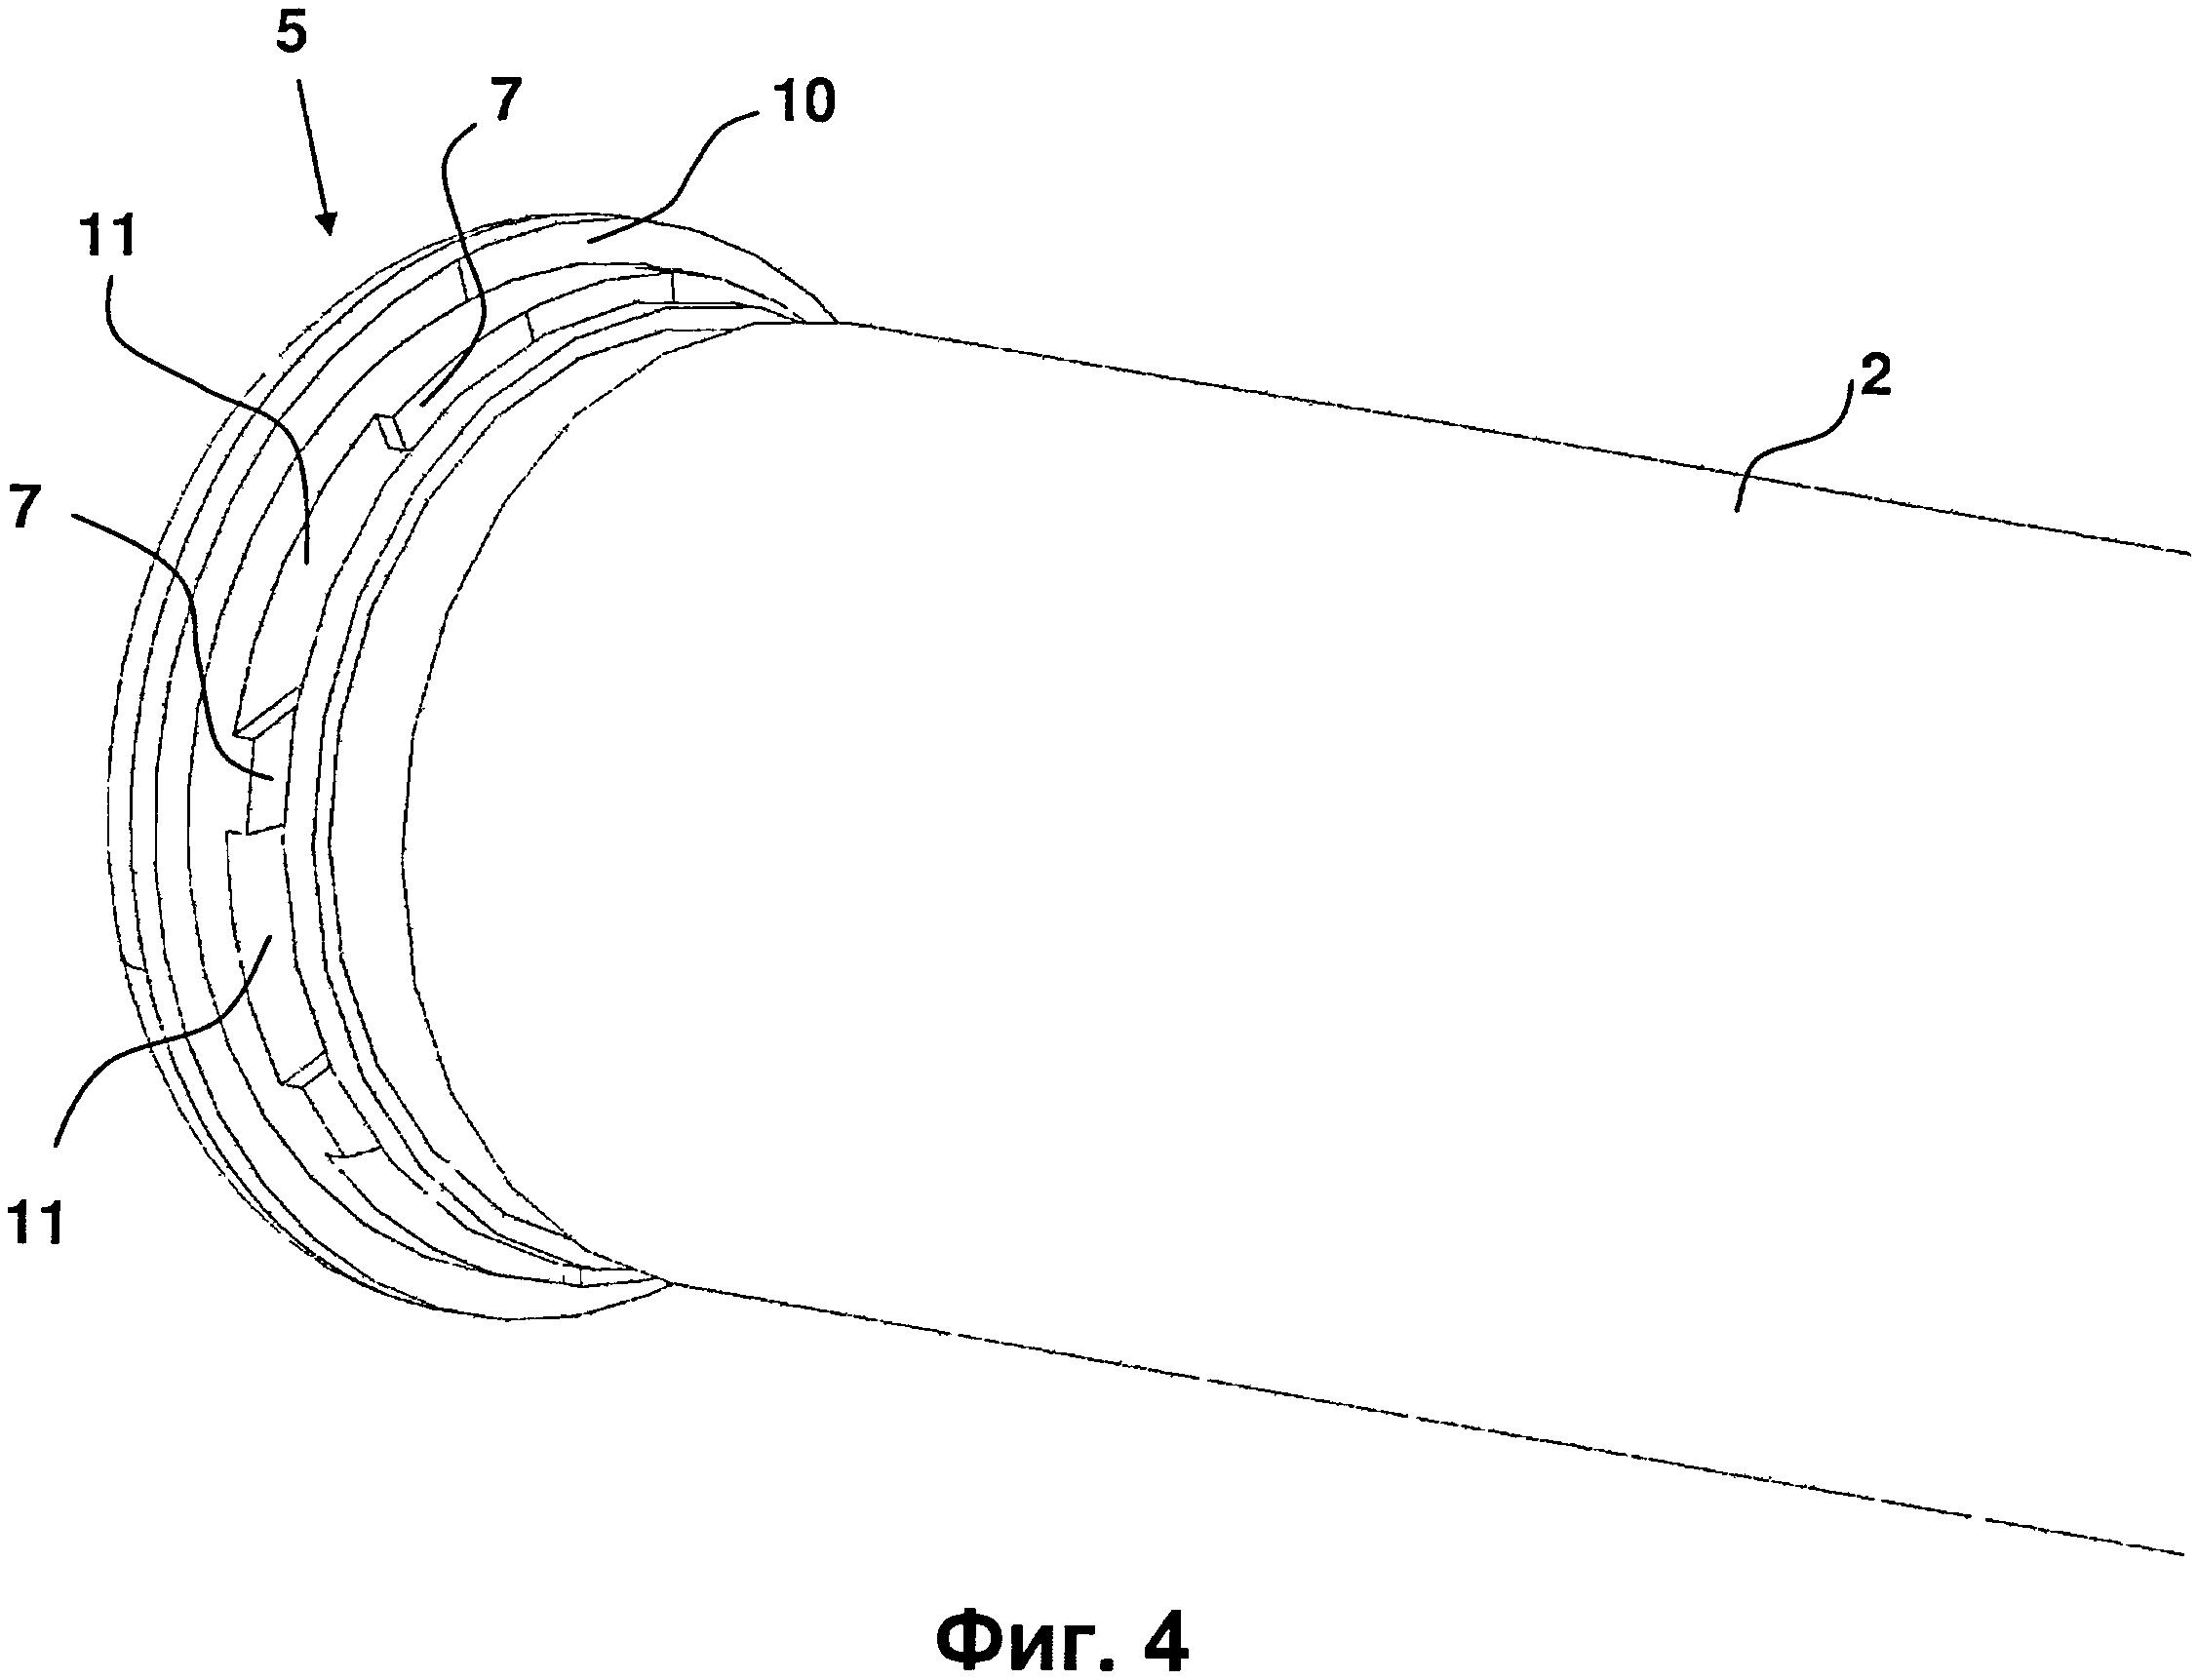 Способ изготовления утяжеленного ствола с глушителем и изготовленный этим способом утяжеленный ствол с глушителем